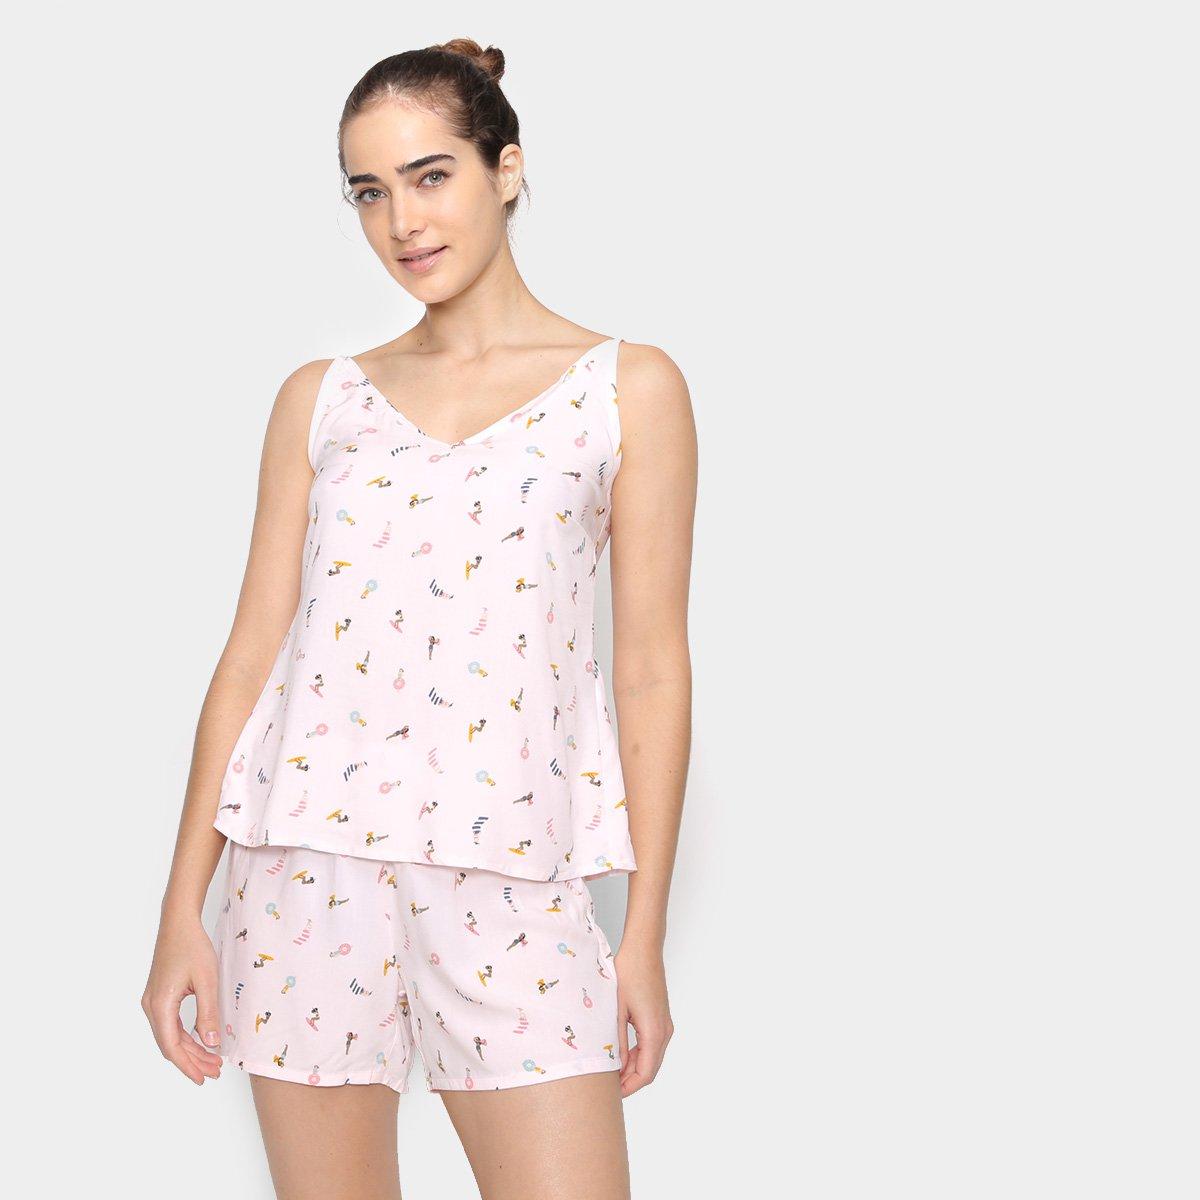 Pijama Curto Hering Morangos Feminino